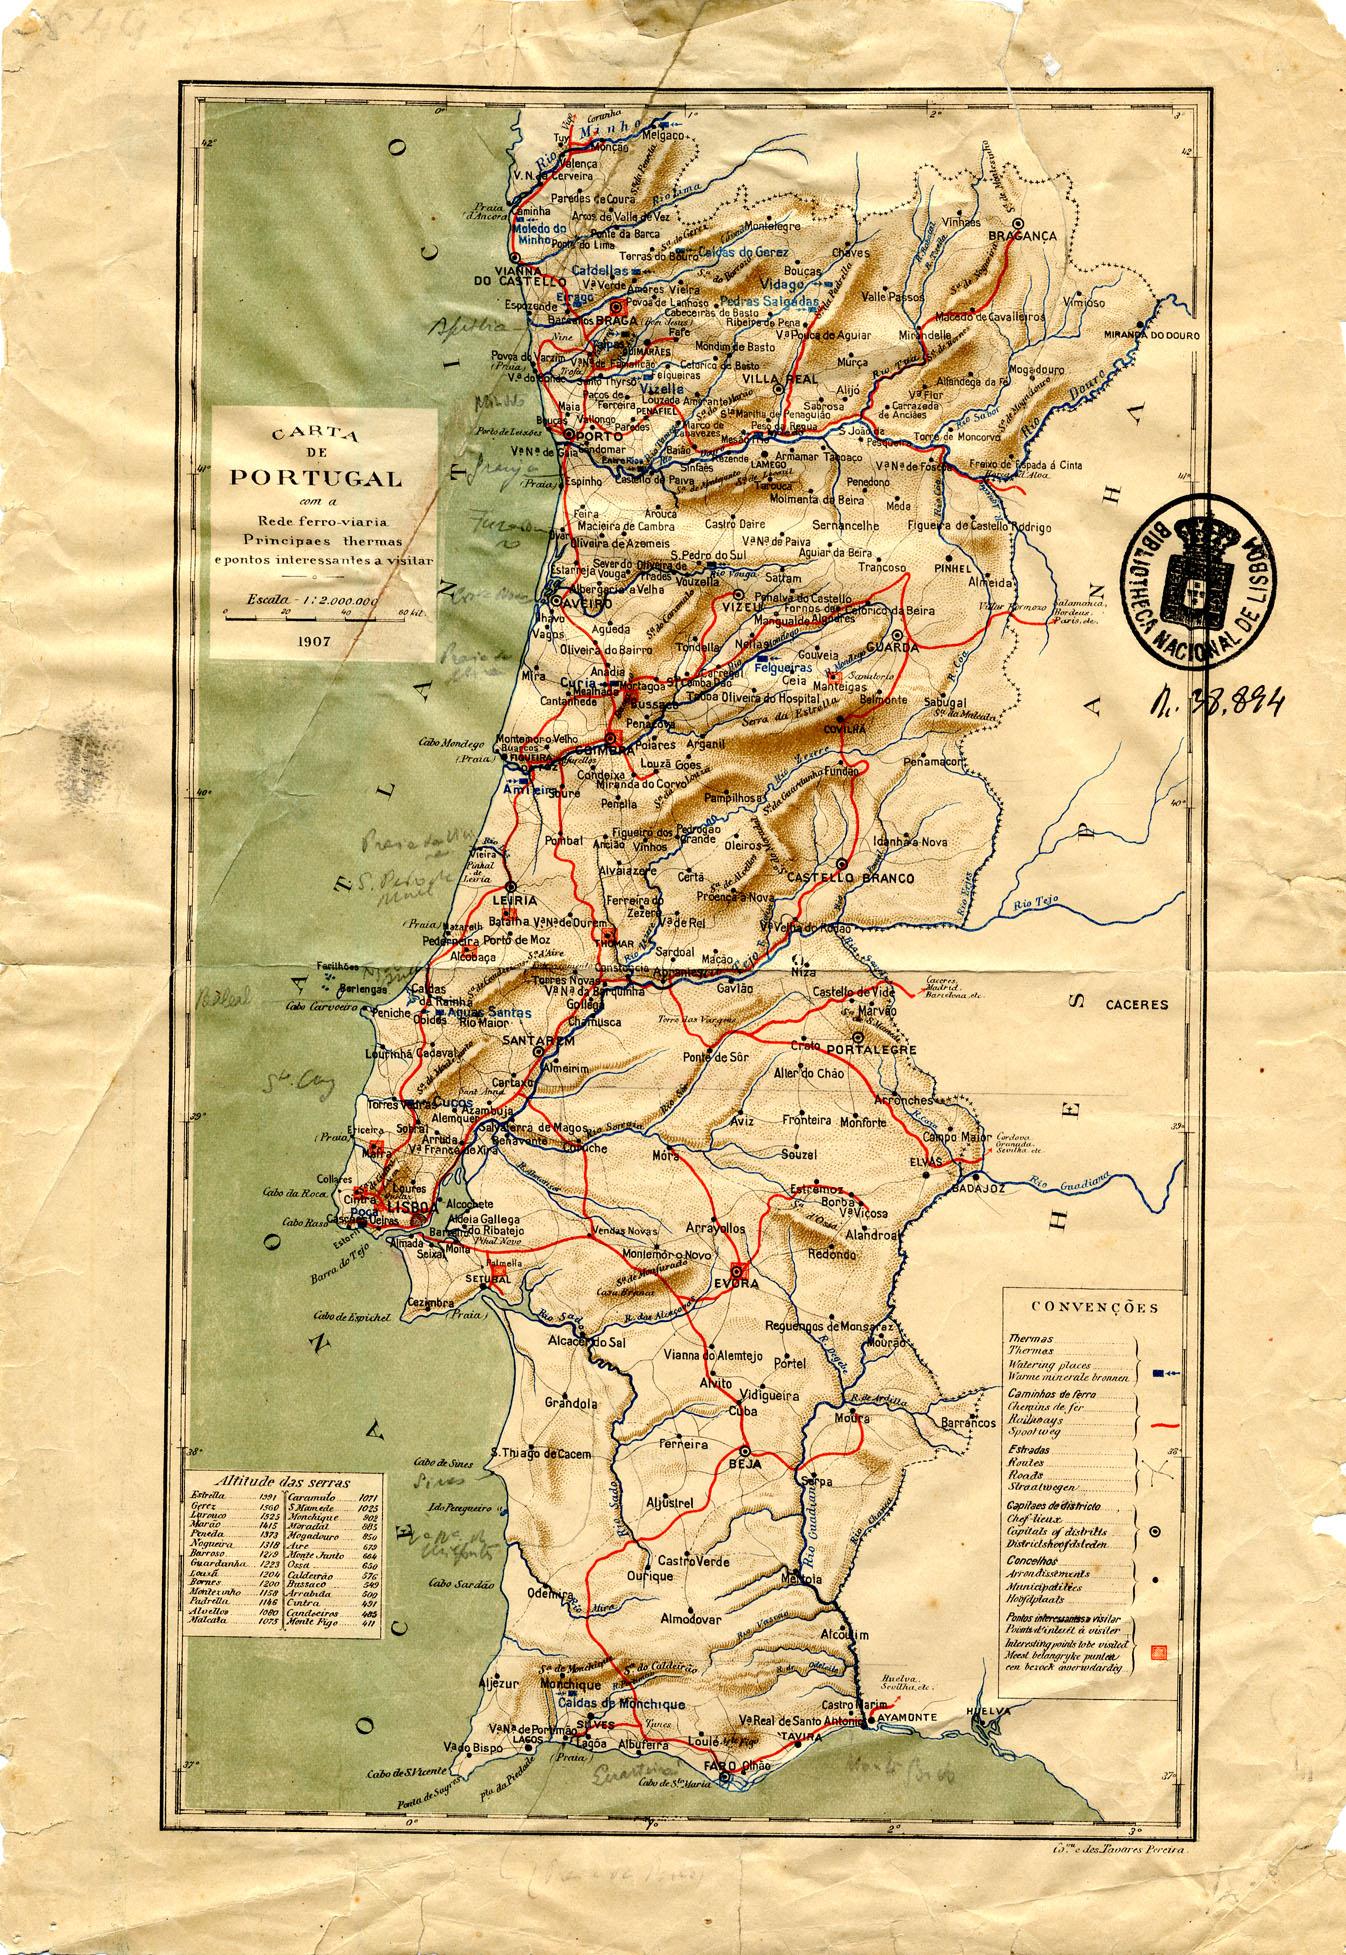 mapa cartográfico de portugal Memórias Cartográficas | A Educação do meu Umbigo mapa cartográfico de portugal